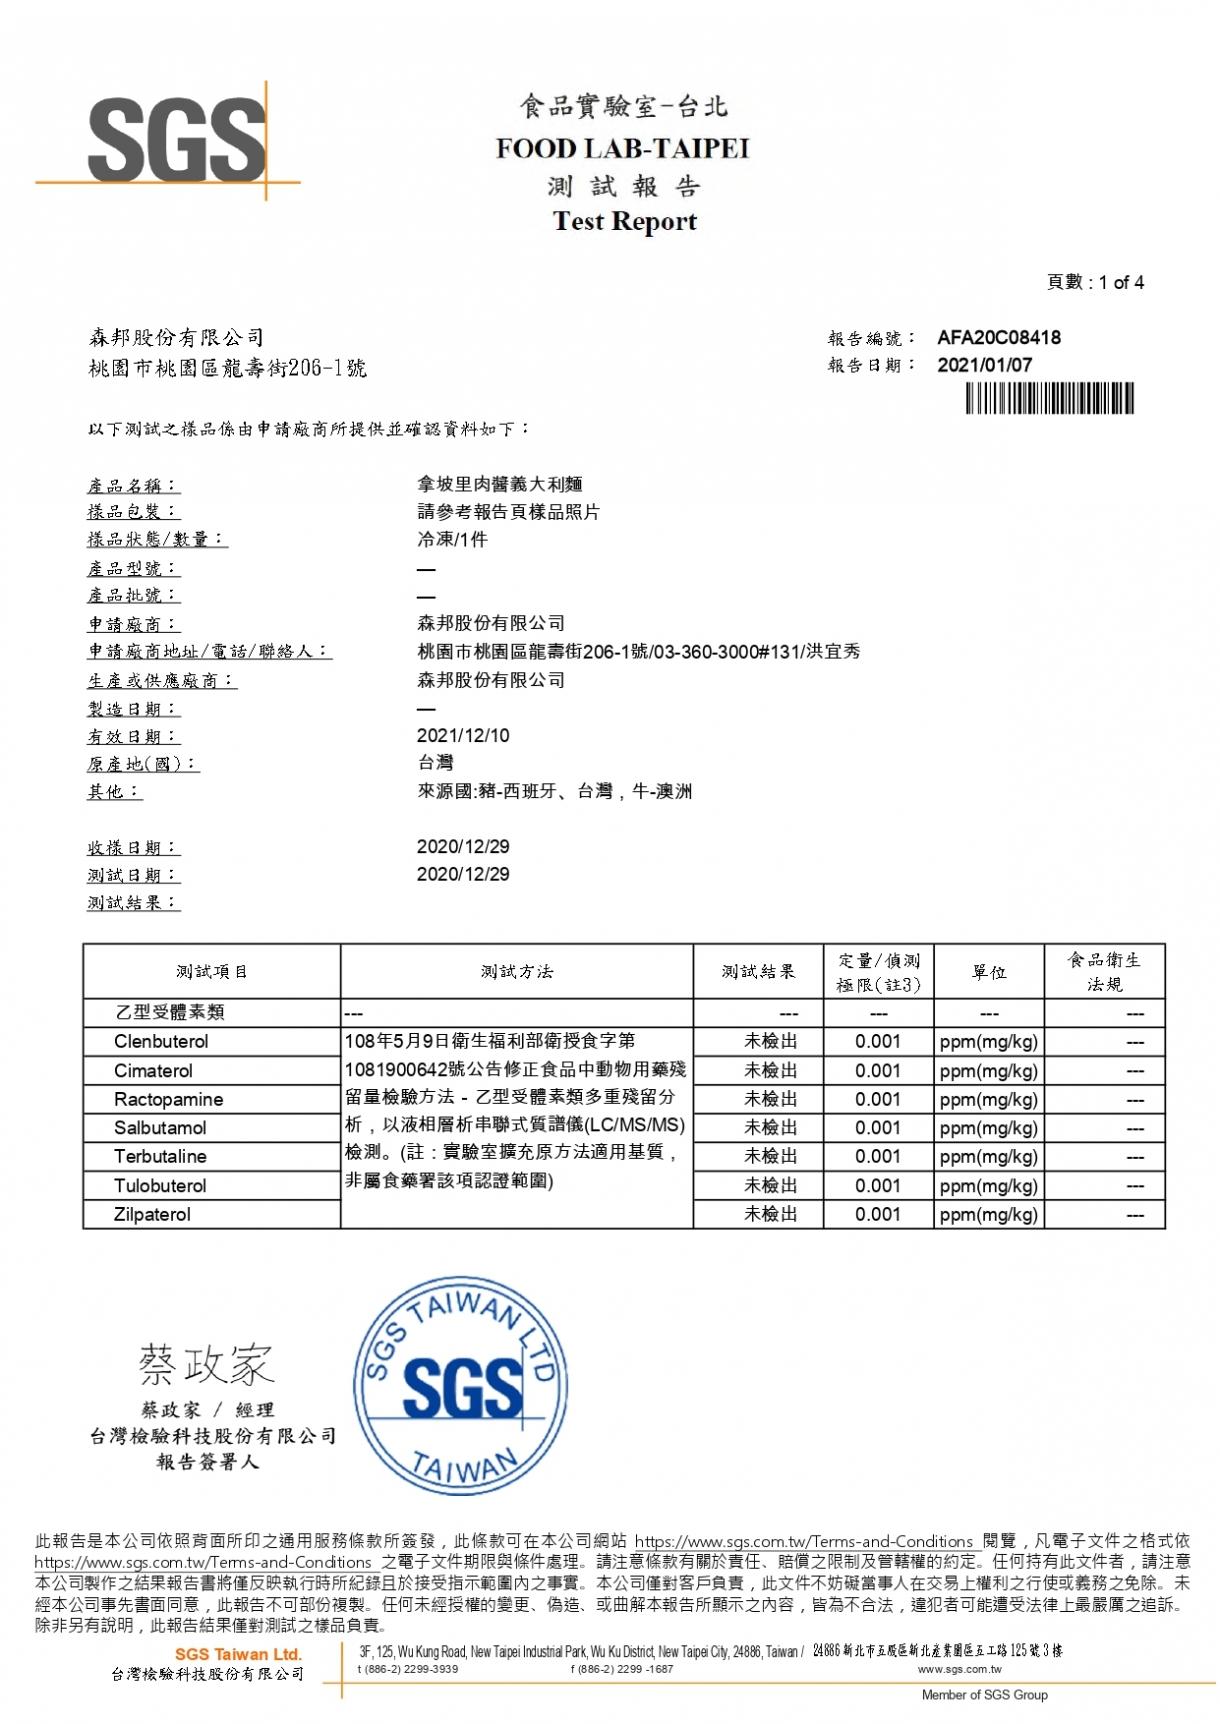 拿坡里肉醬義大利麵 瘦肉精檢驗報告20210107_page-0001